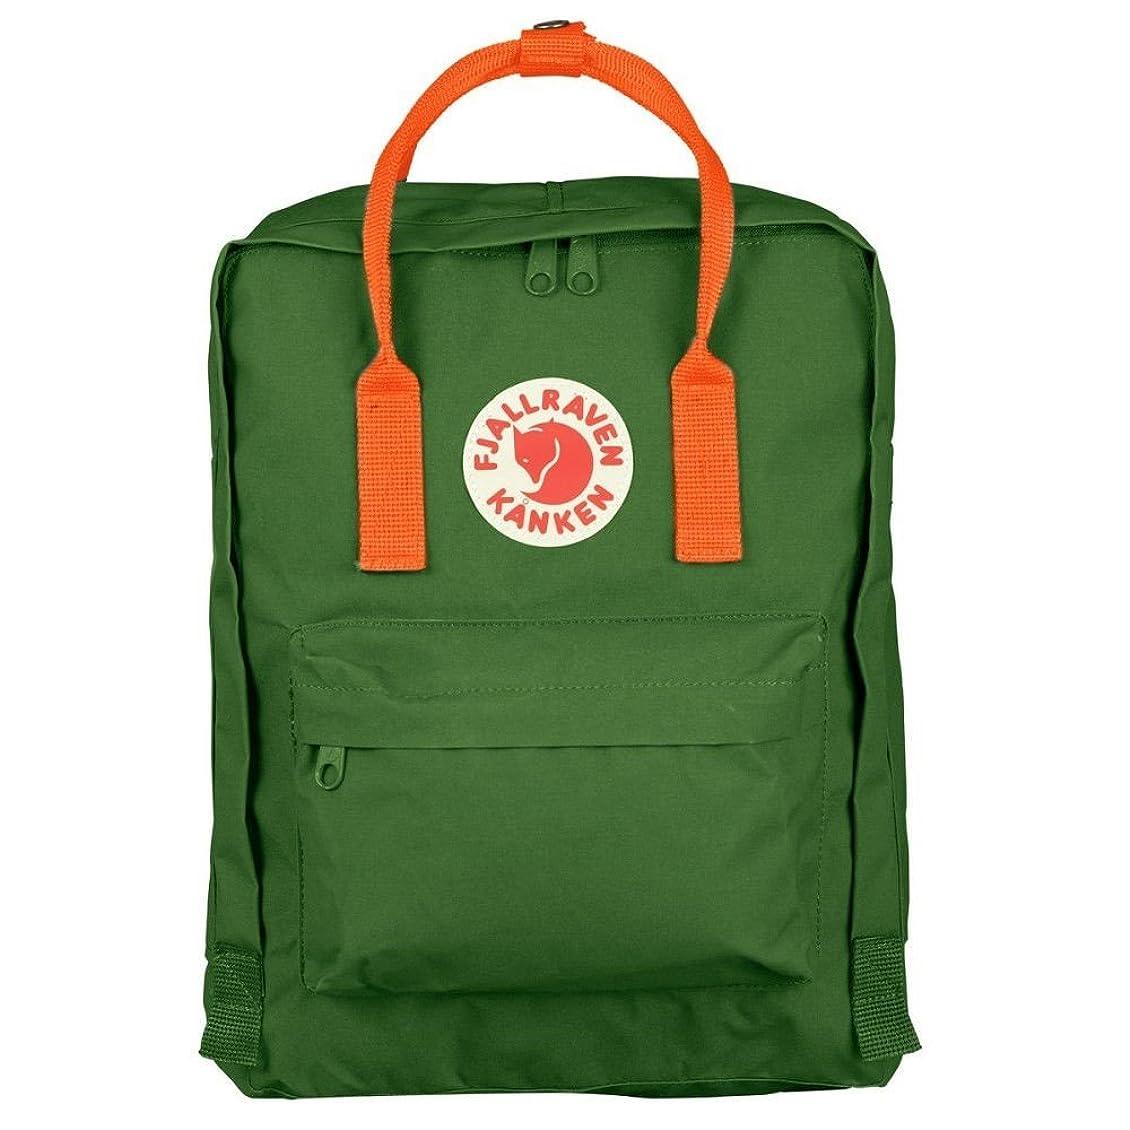 カウンターパート間違いなくラウンジ(フェールラーベン) Fjallraven レディース バッグ バックパック?リュック Kanken Backpack - 976cu in 並行輸入品